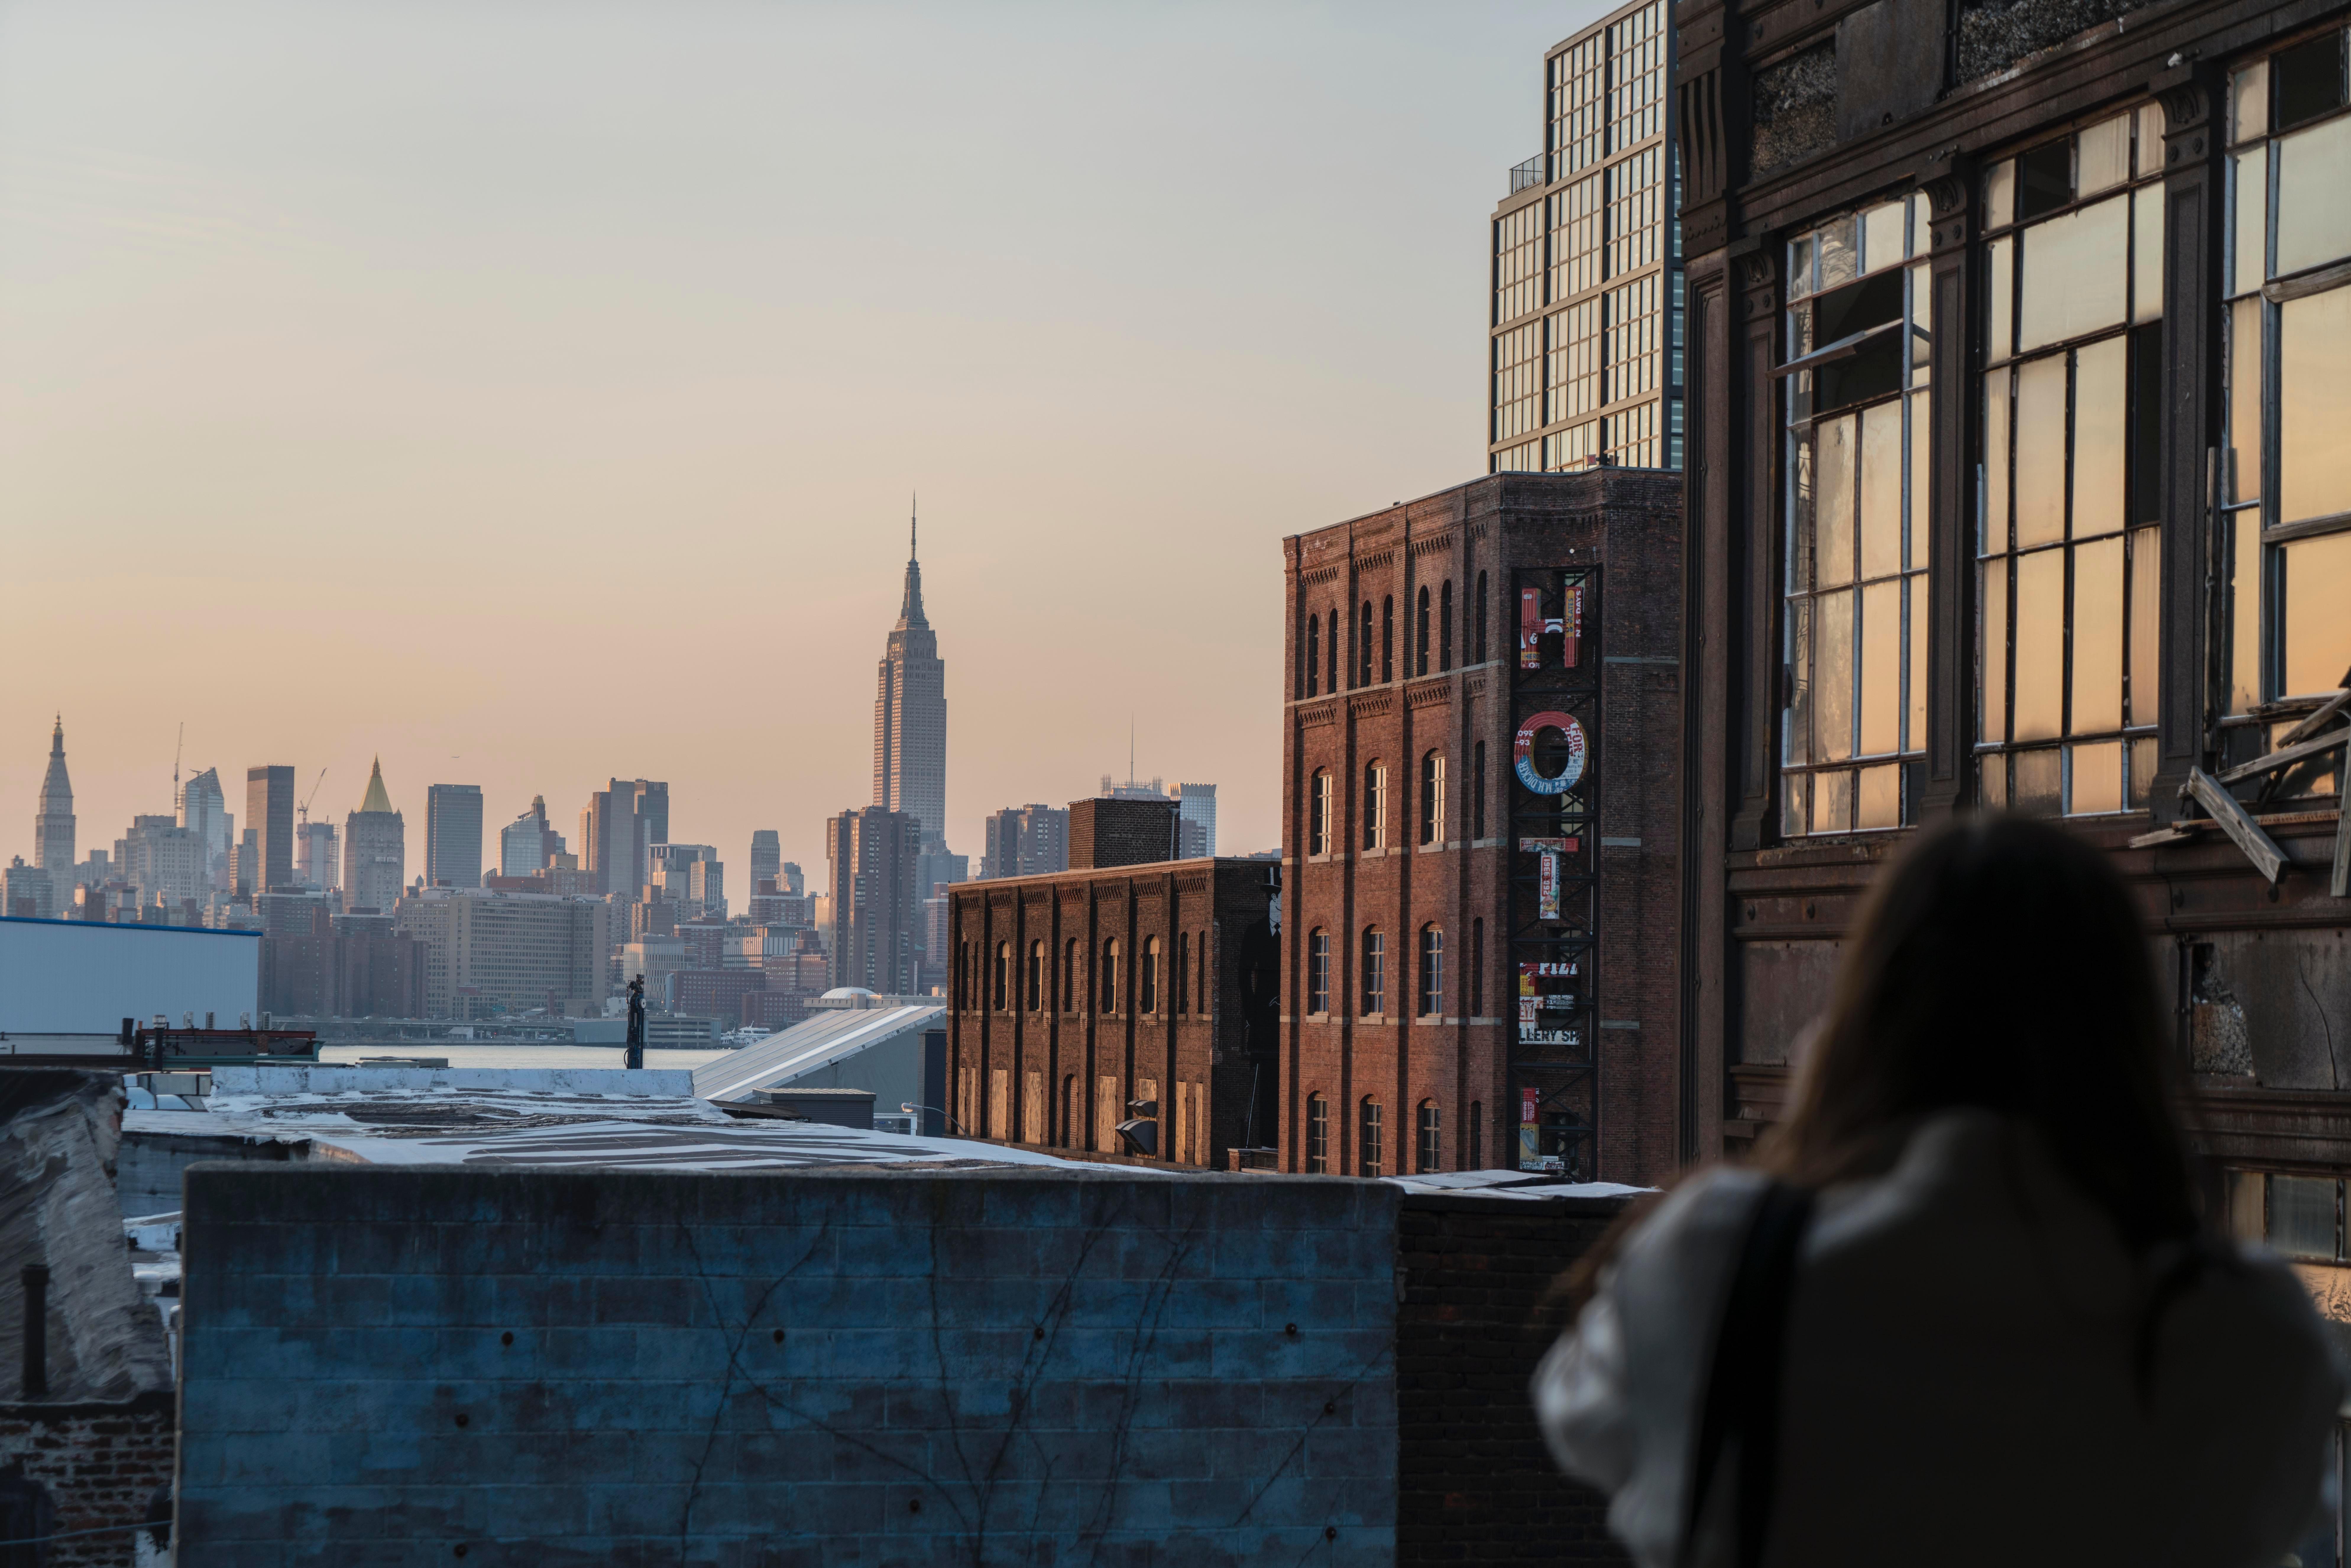 废弃船厂变身纽约创业天堂-纽约工业区开发经典案例